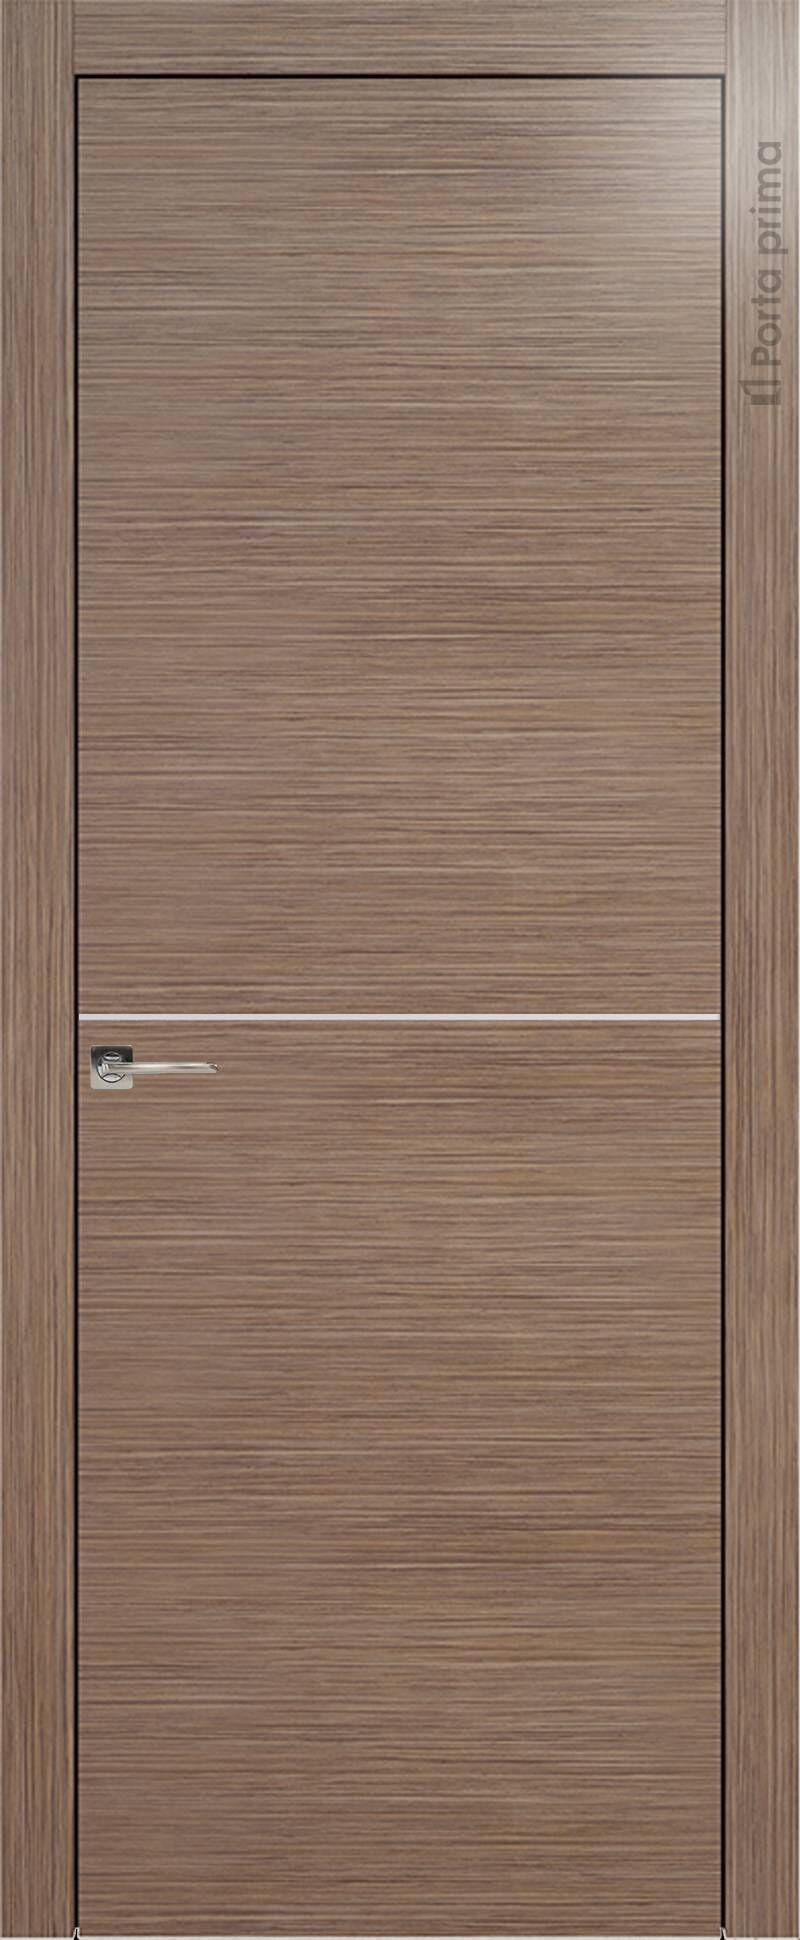 Tivoli Б-3 цвет - Орех Без стекла (ДГ)